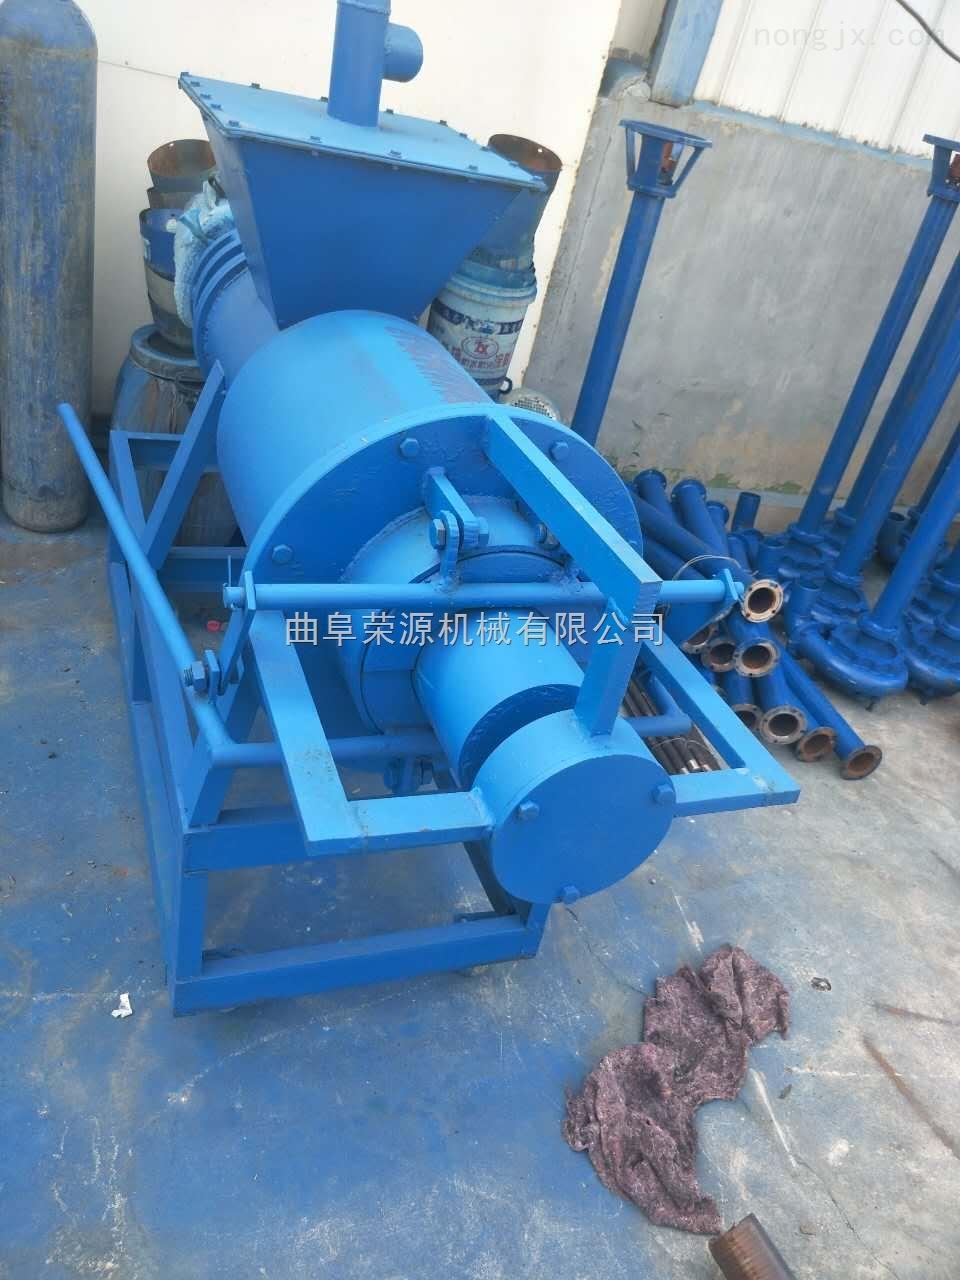 大量的干湿分离器生产商 低价销售优质的多功能粪便抽干机